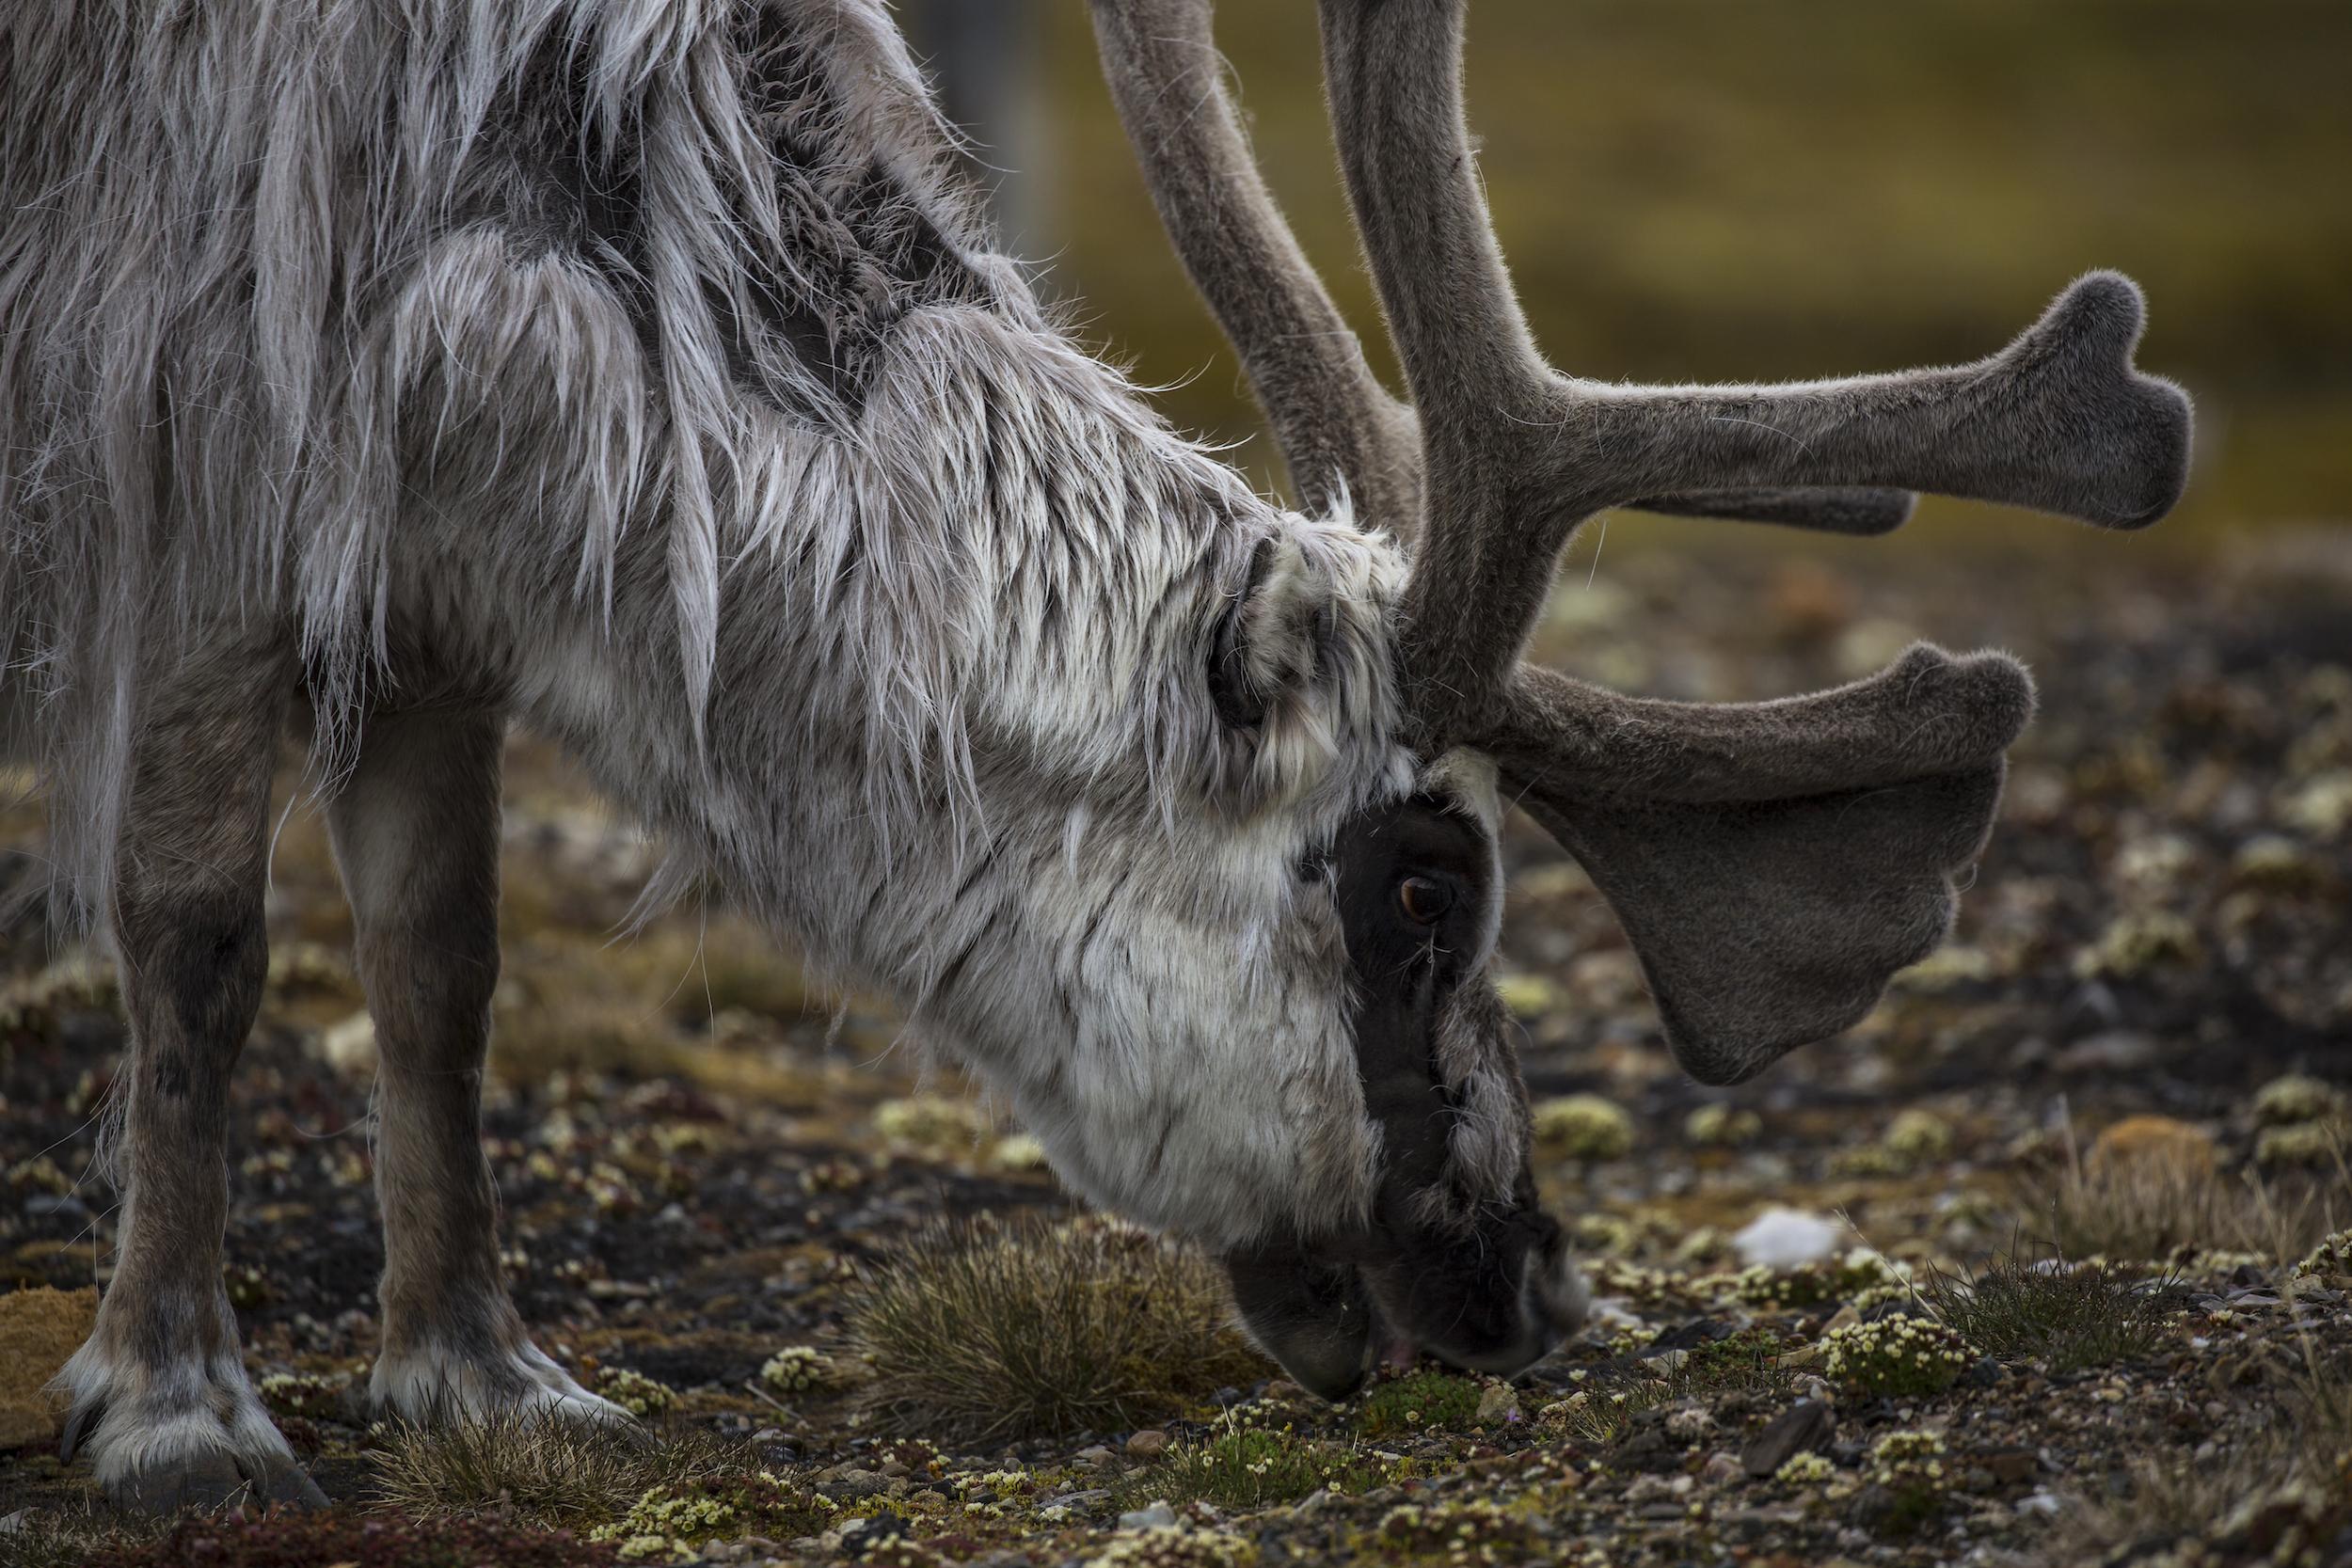 Deer_2500px 2.jpg